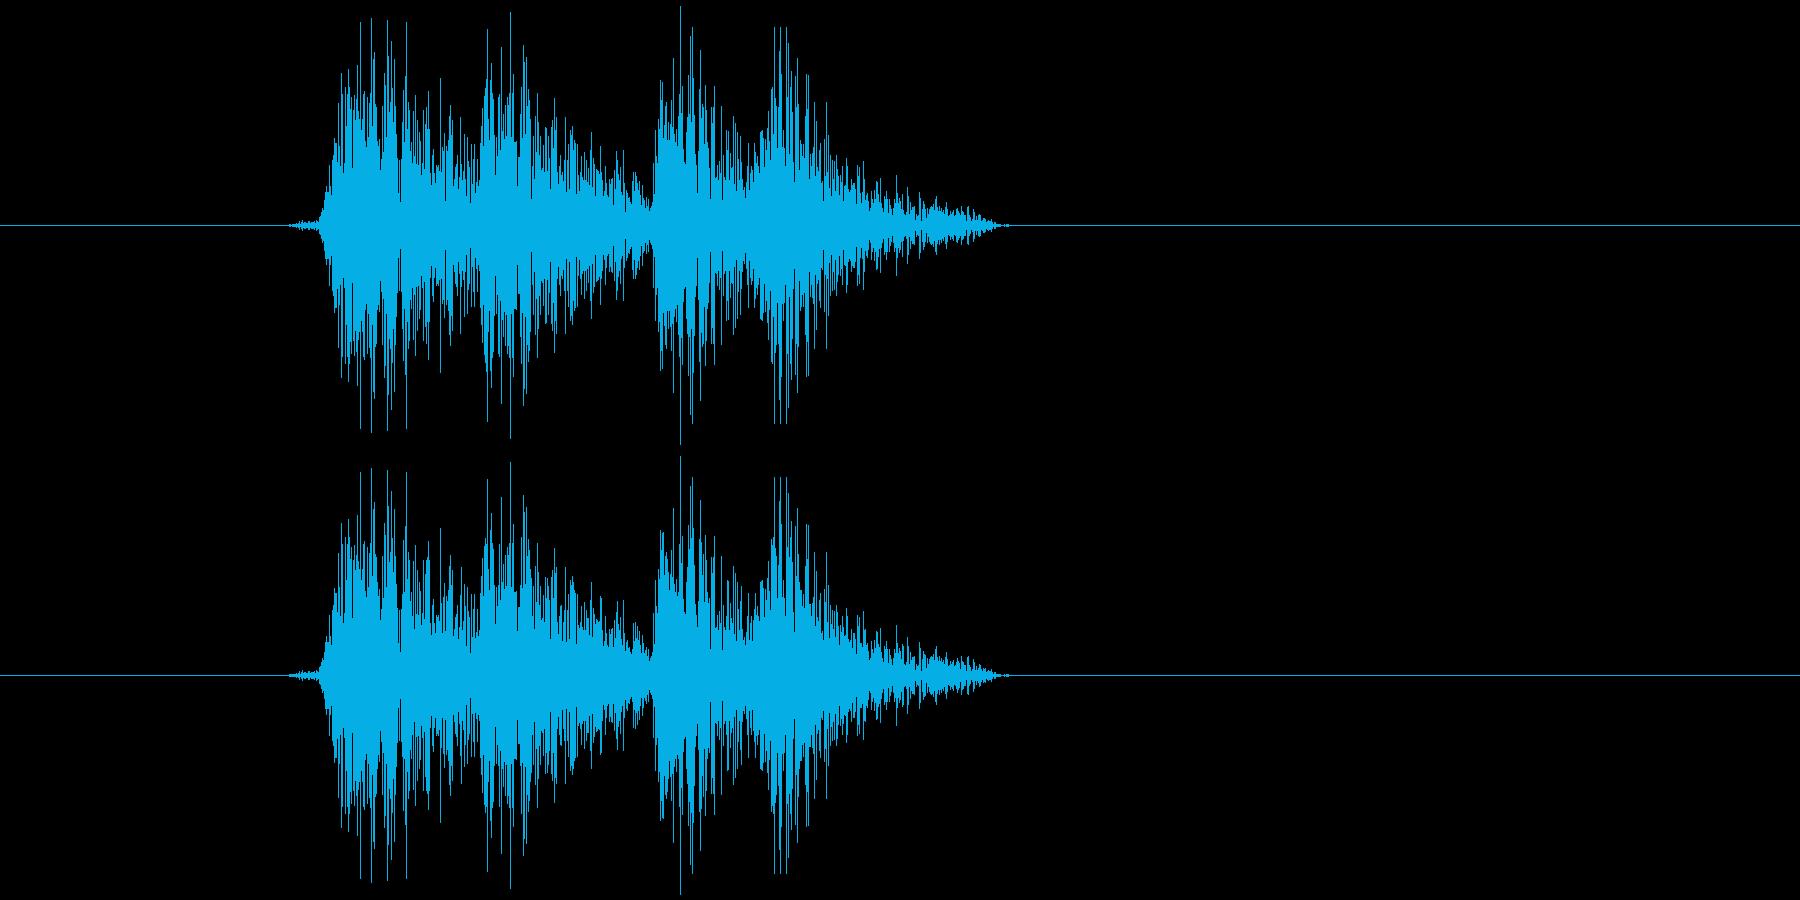 アプリ、ゲーム、決定音の再生済みの波形